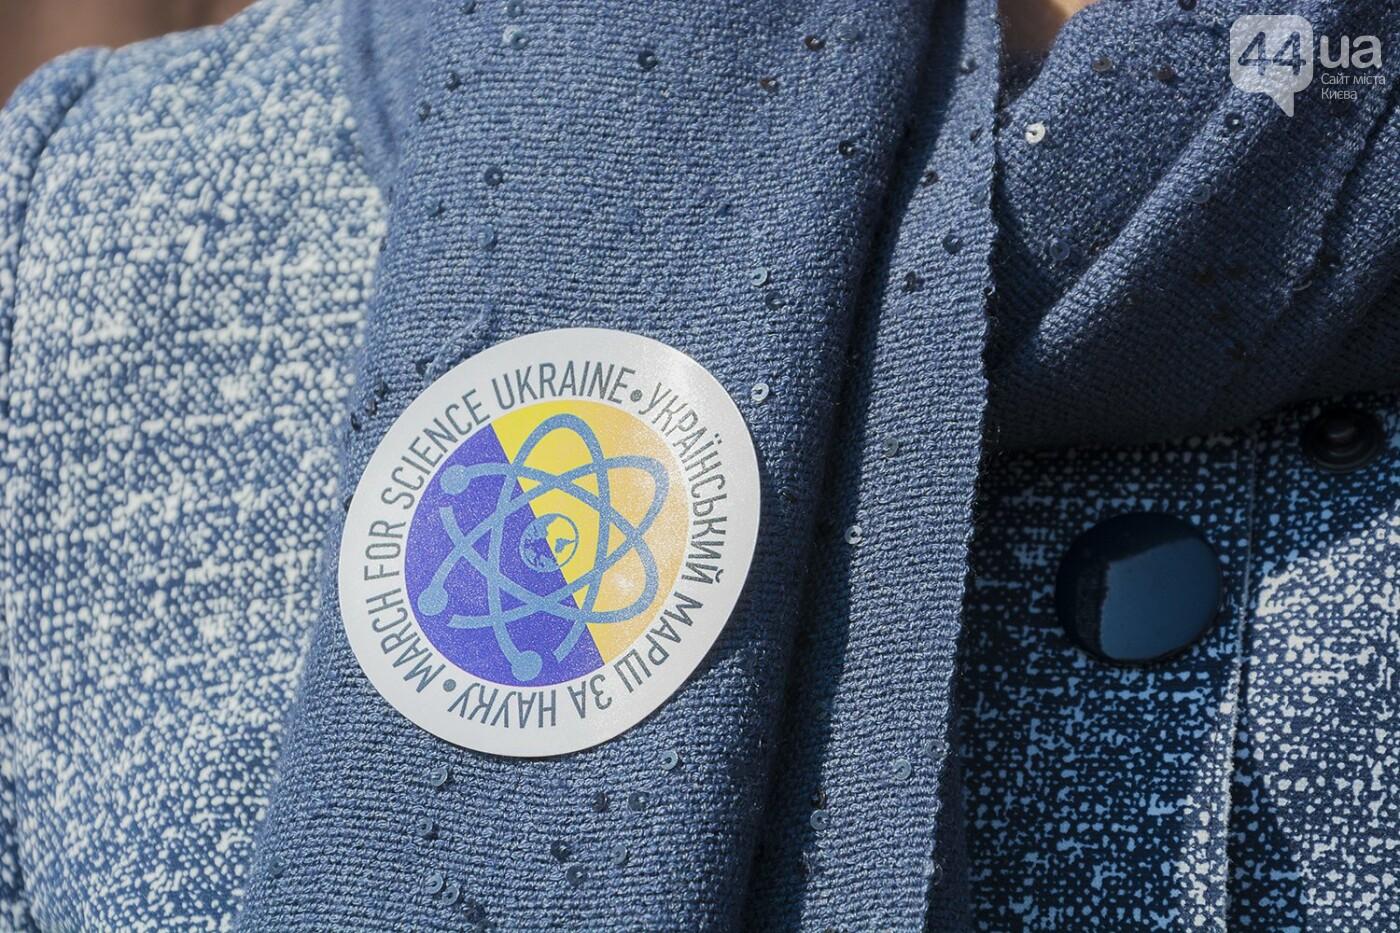 Ученые против мракобесия: в Киеве прошел марш за науку, фото-14